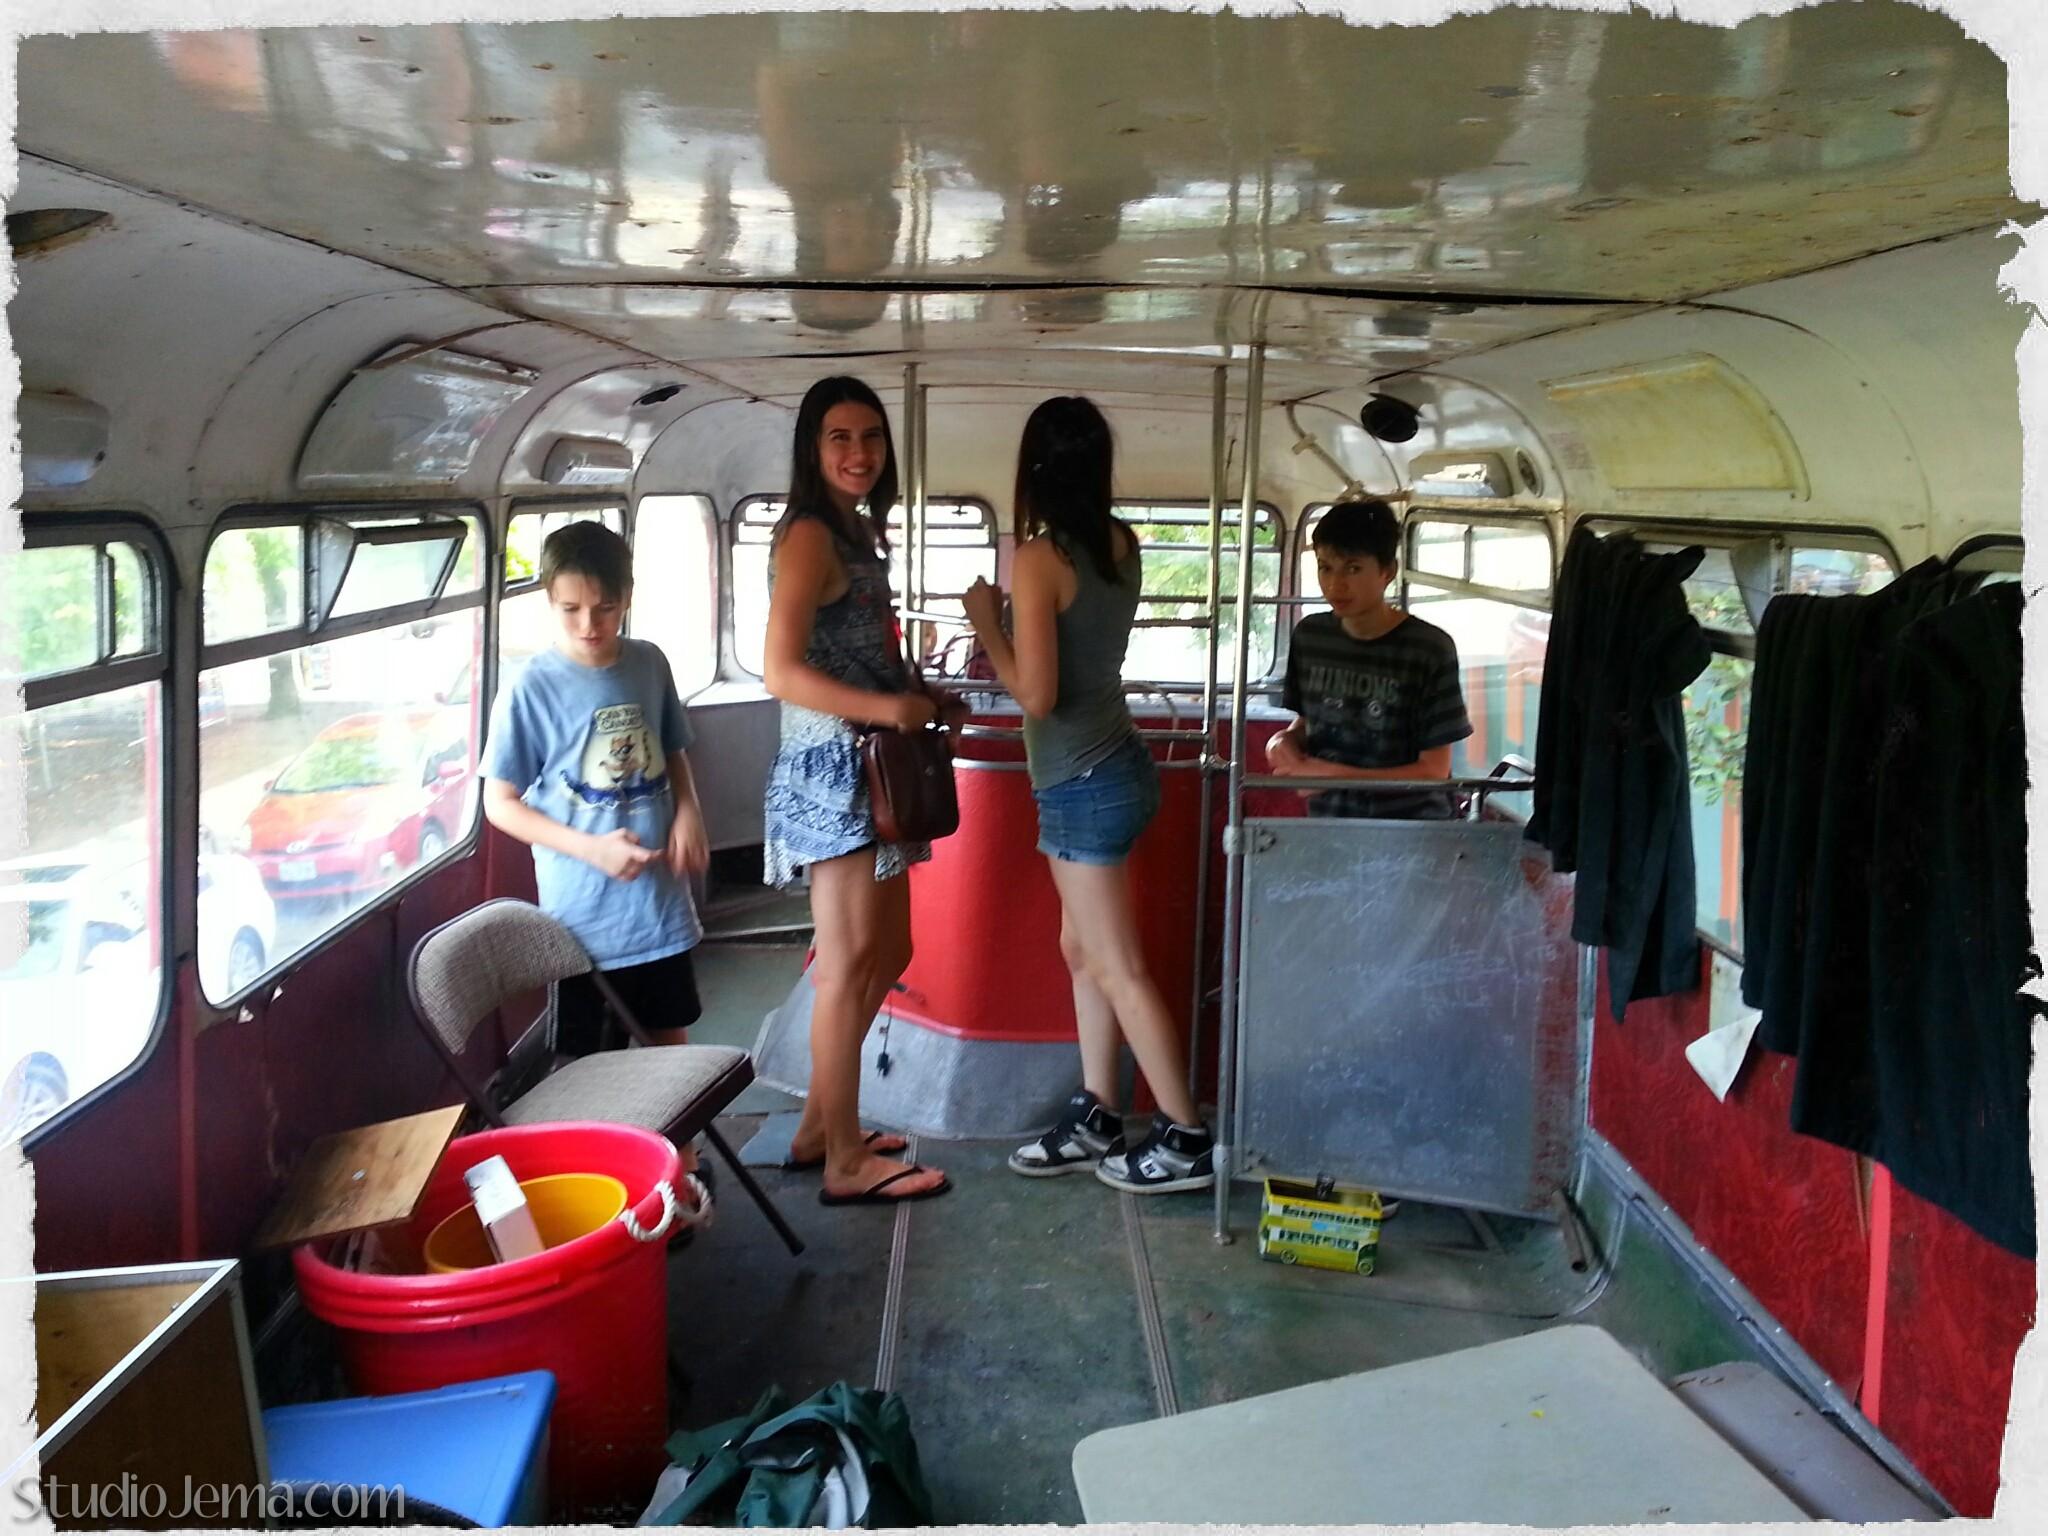 Double-Decker Bus on Alberta Street in Portland - Gypsy Jema